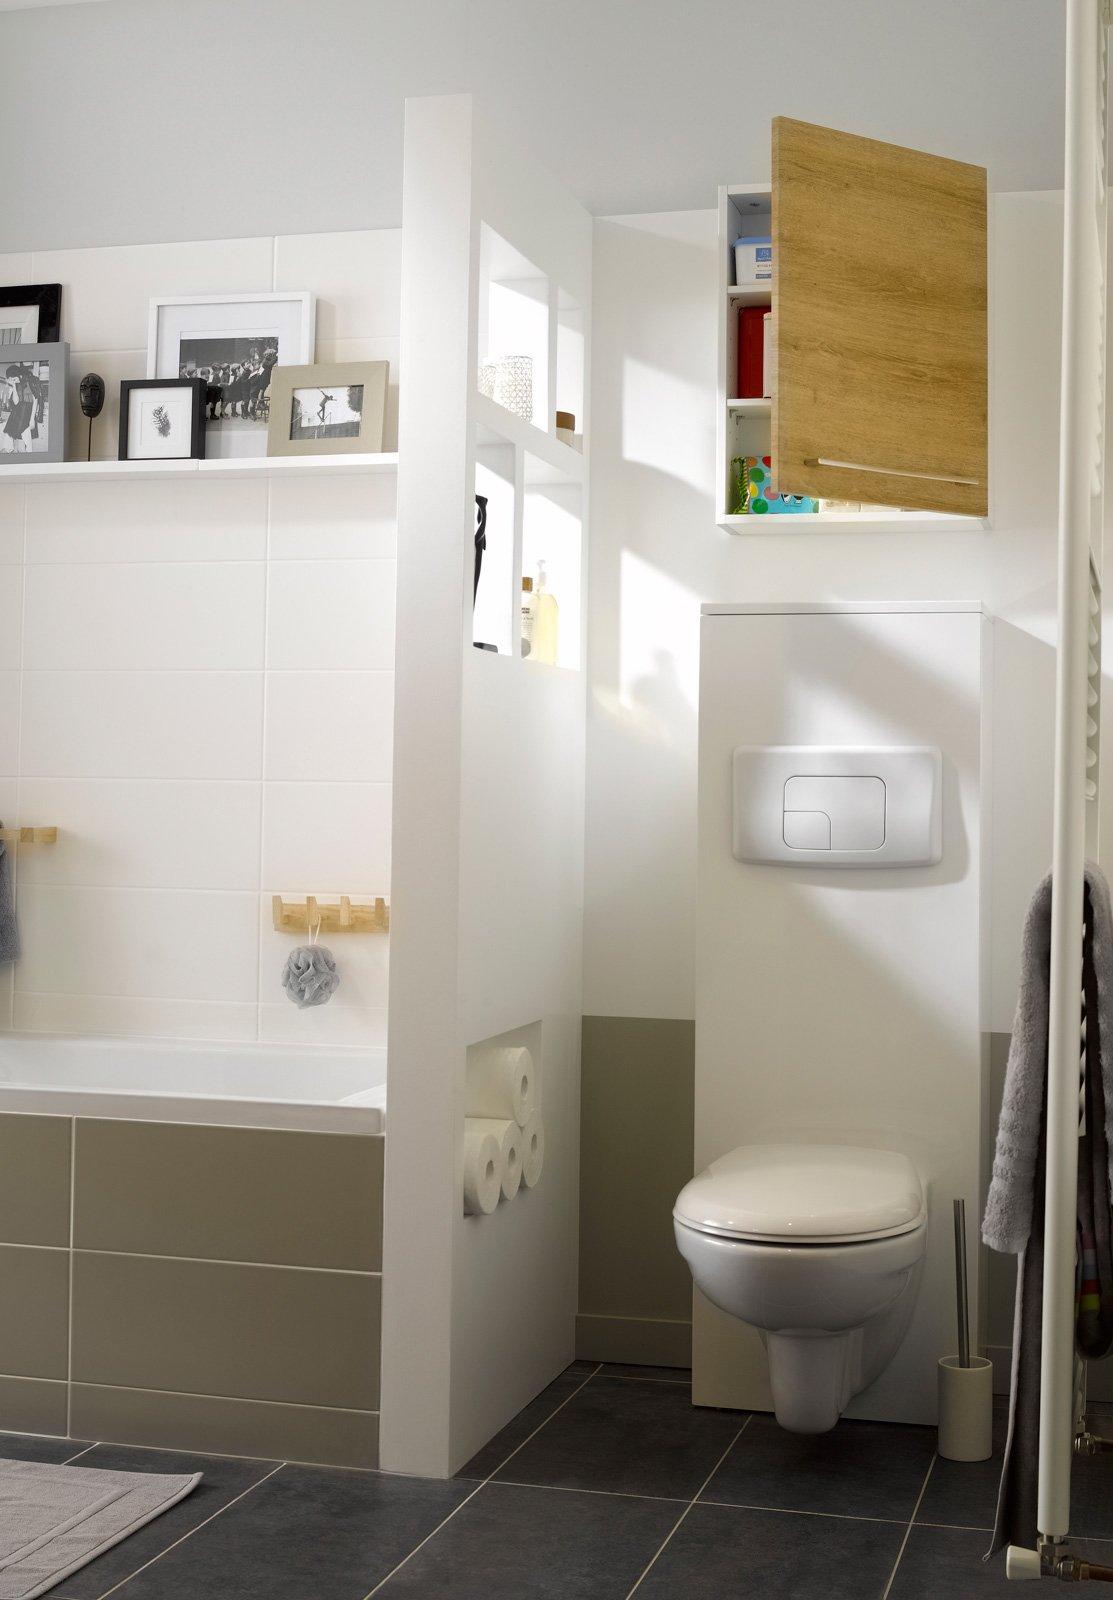 Lampadari moderni leroy merlin - Leroy merlin sanitari bagno ...